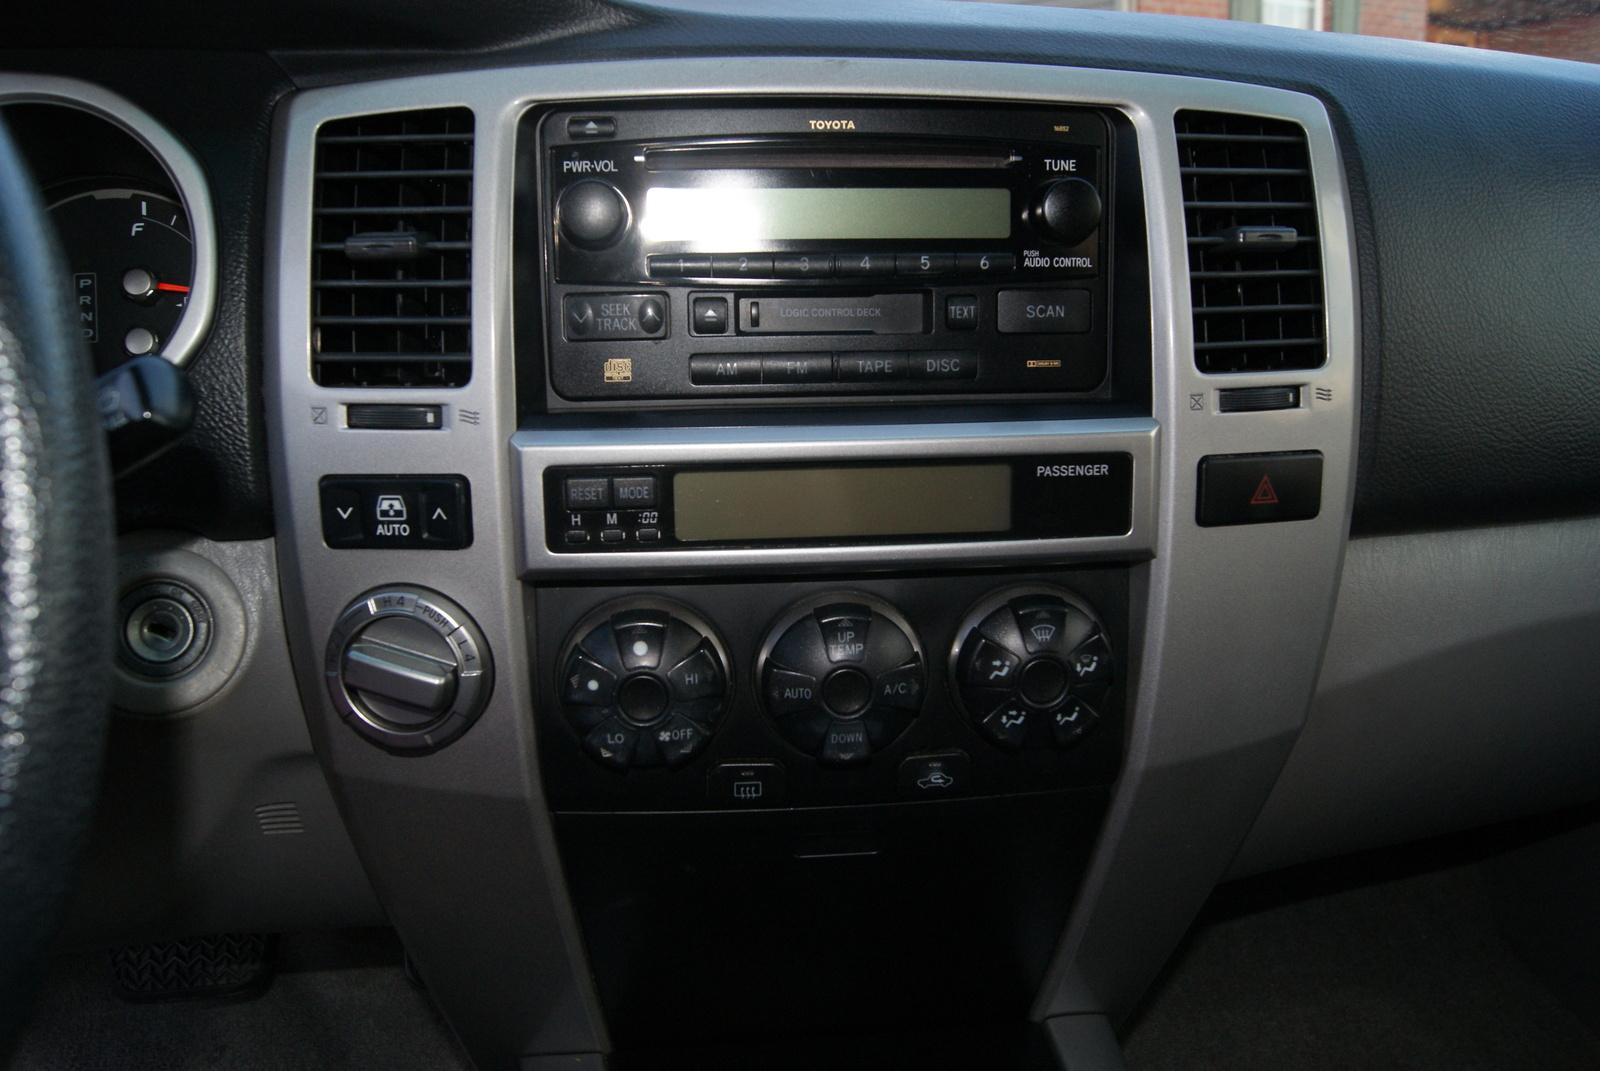 2004 Toyota 4runner Interior Pictures Cargurus